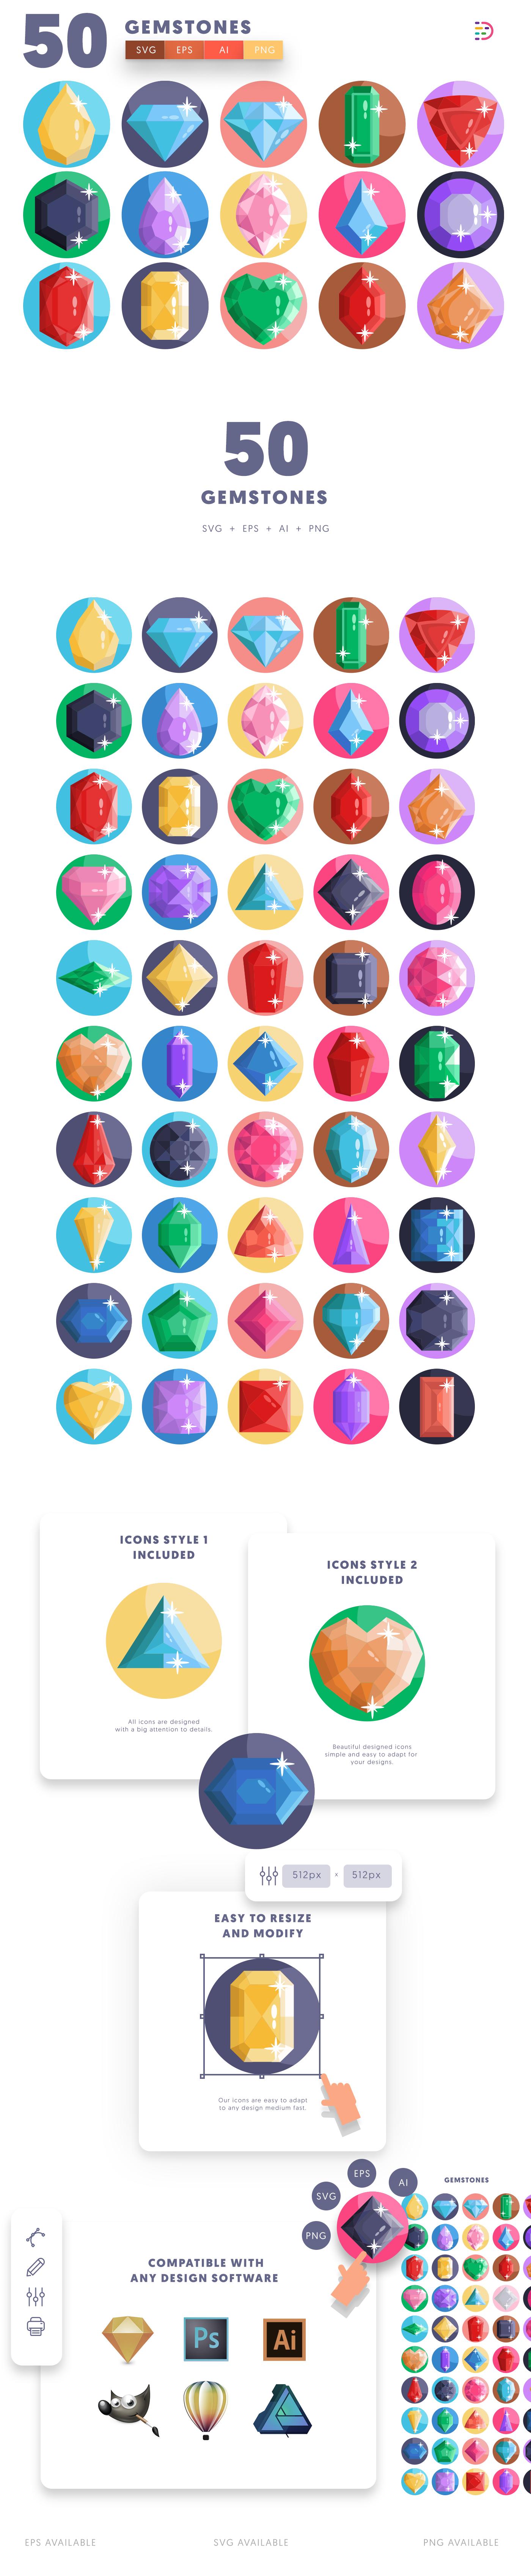 Gemstones icons info graphic